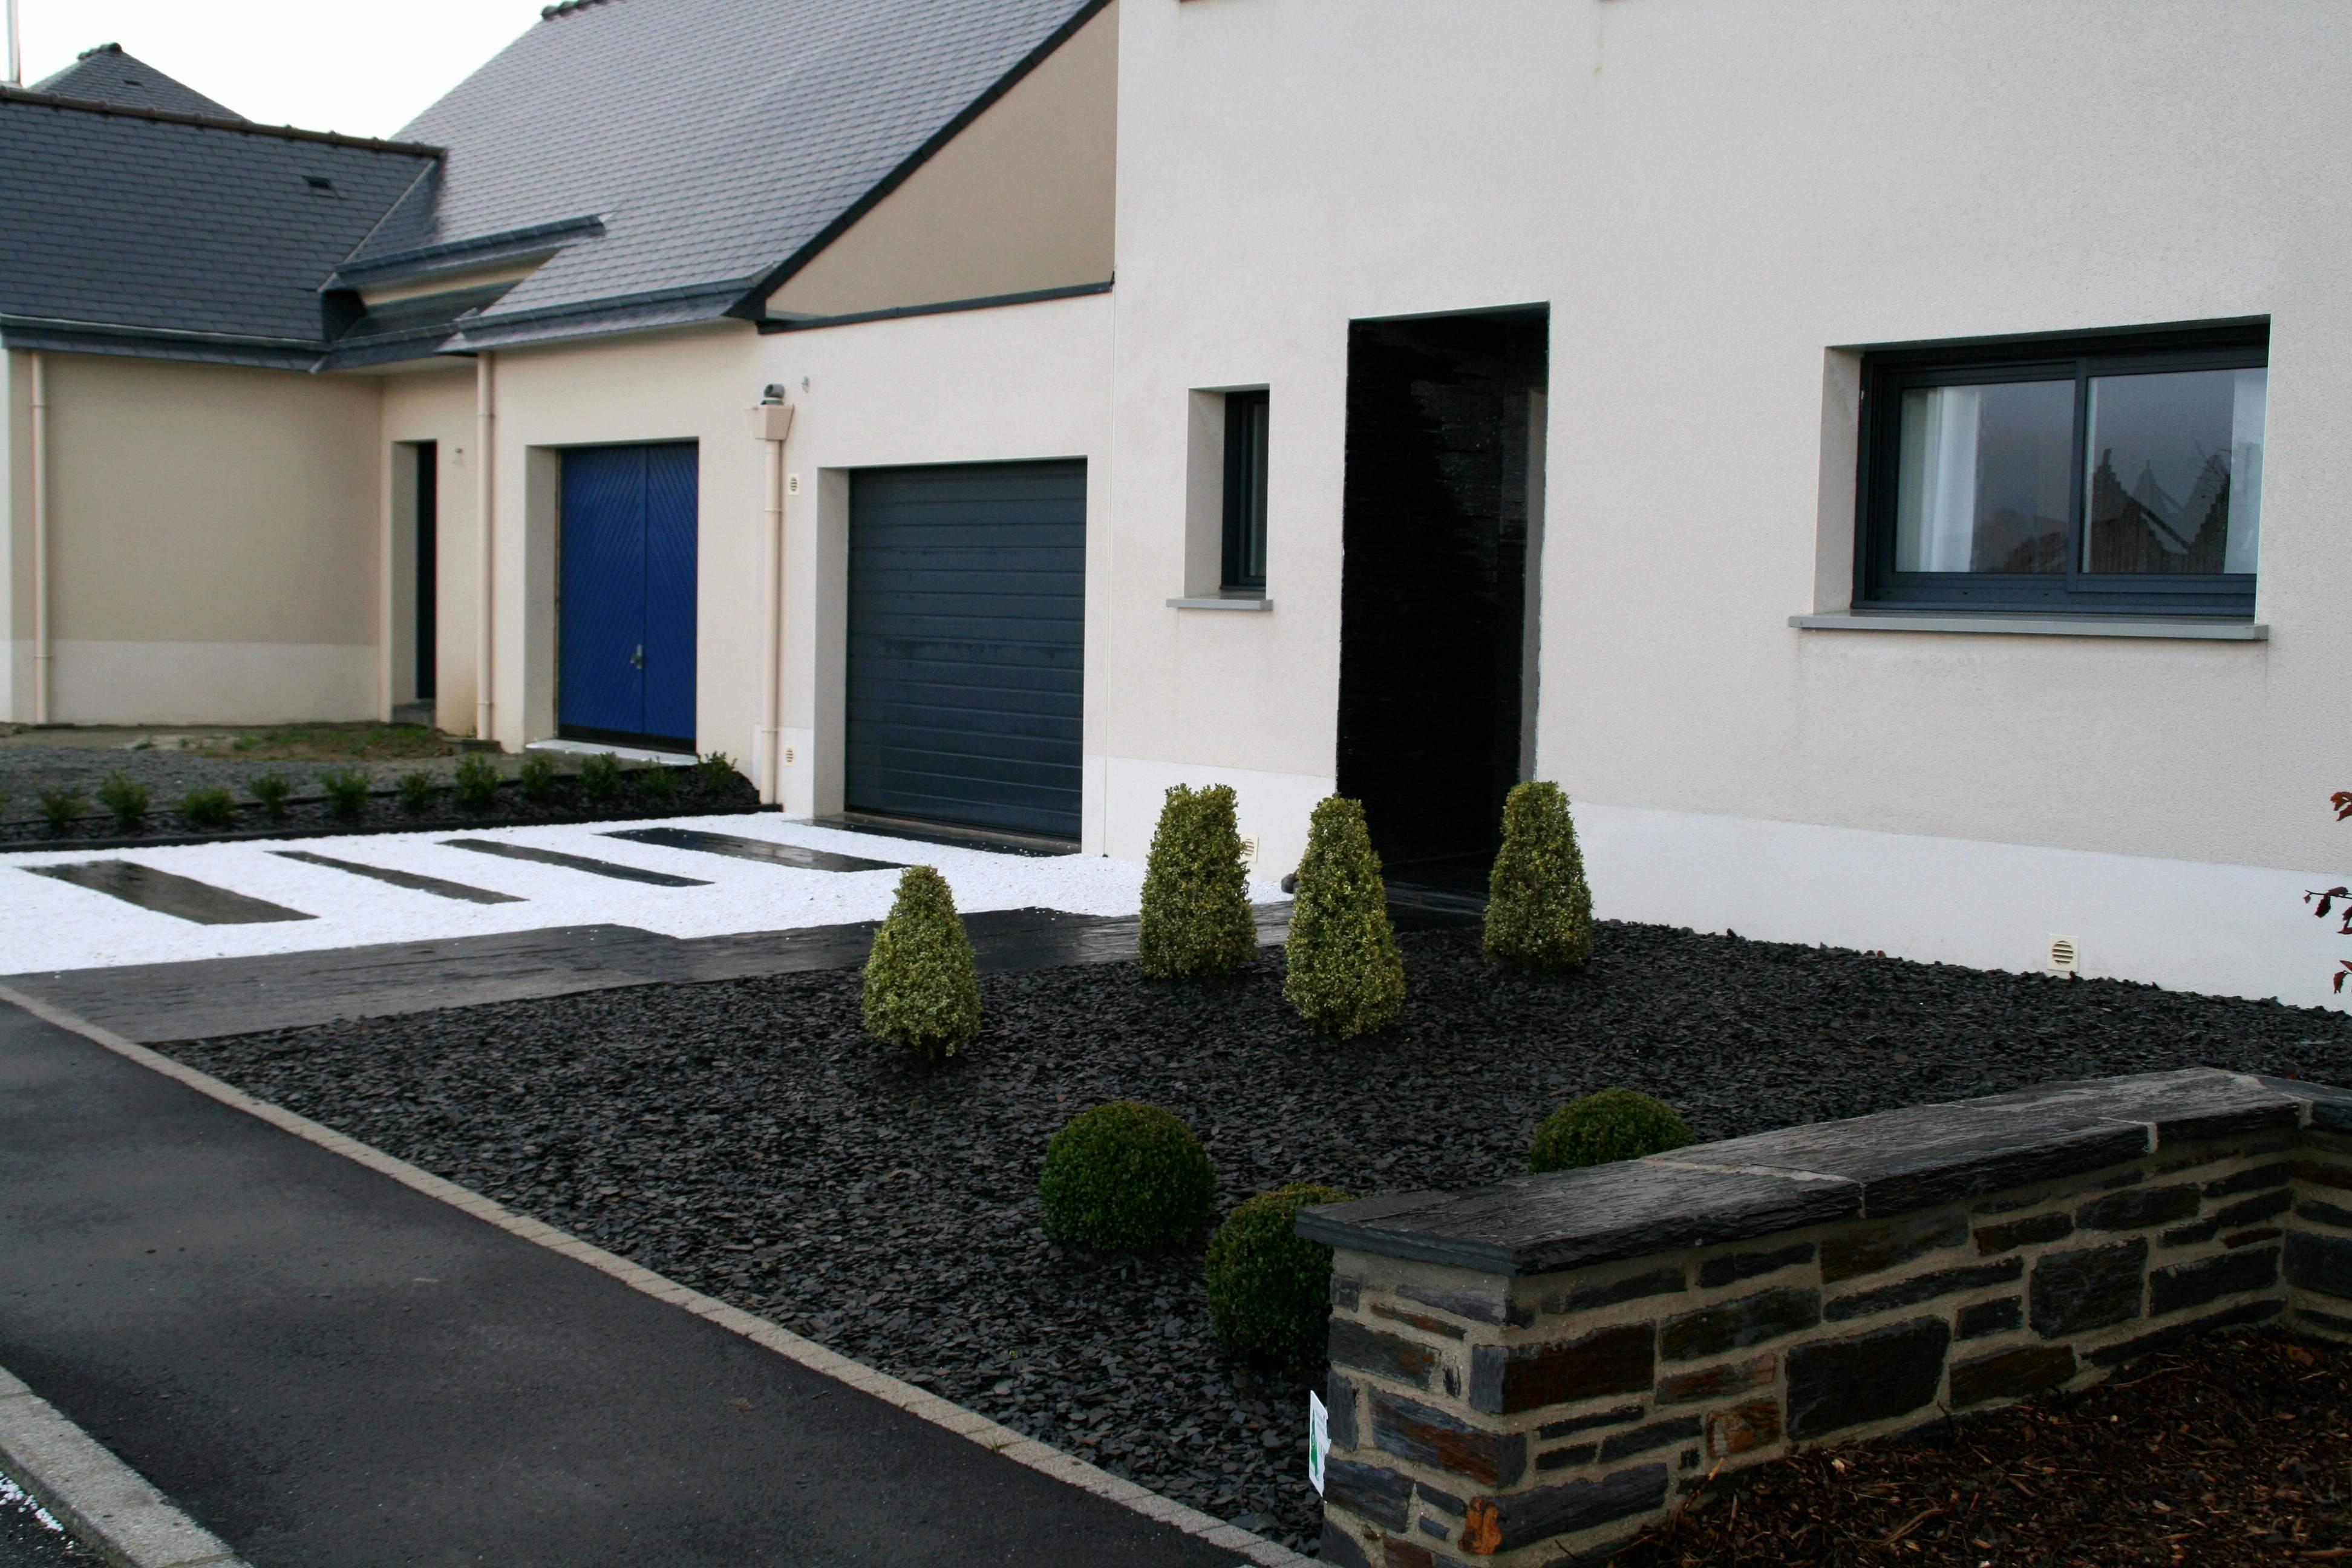 Bassin Jardin Moderne Inspirant Galerie Faire Un Beau Jardin Meilleur De Cloture De Jardin Moderne Cloture